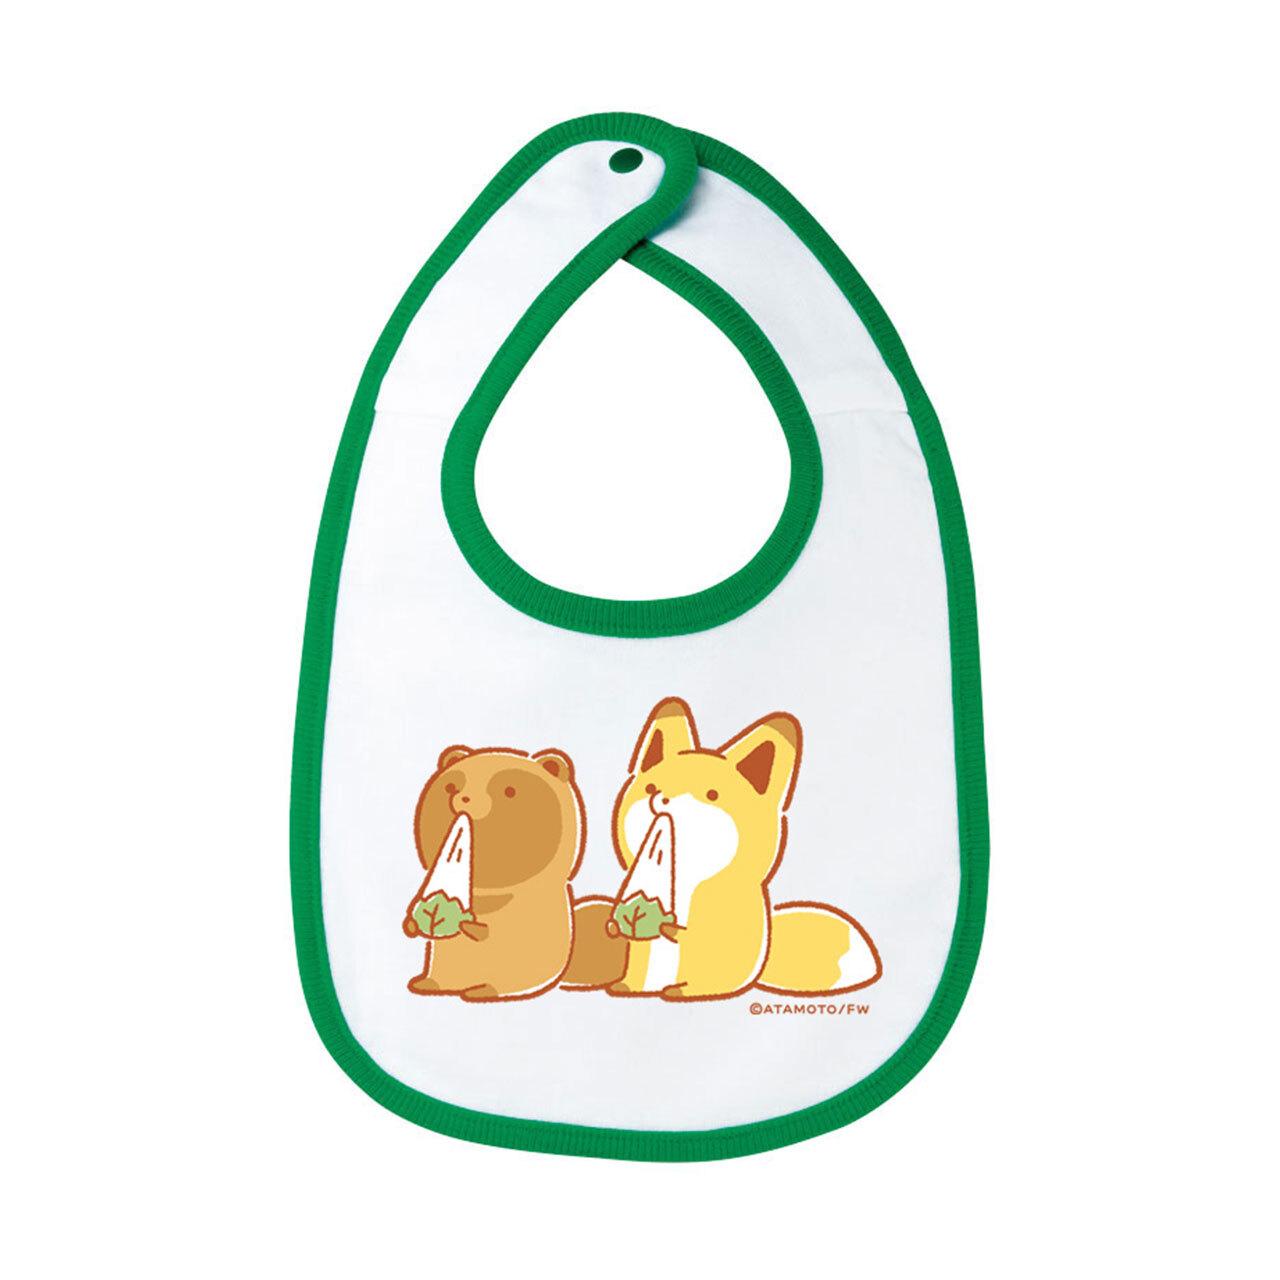 【4589839352901再】タヌキとキツネ よだれかけ(緑)